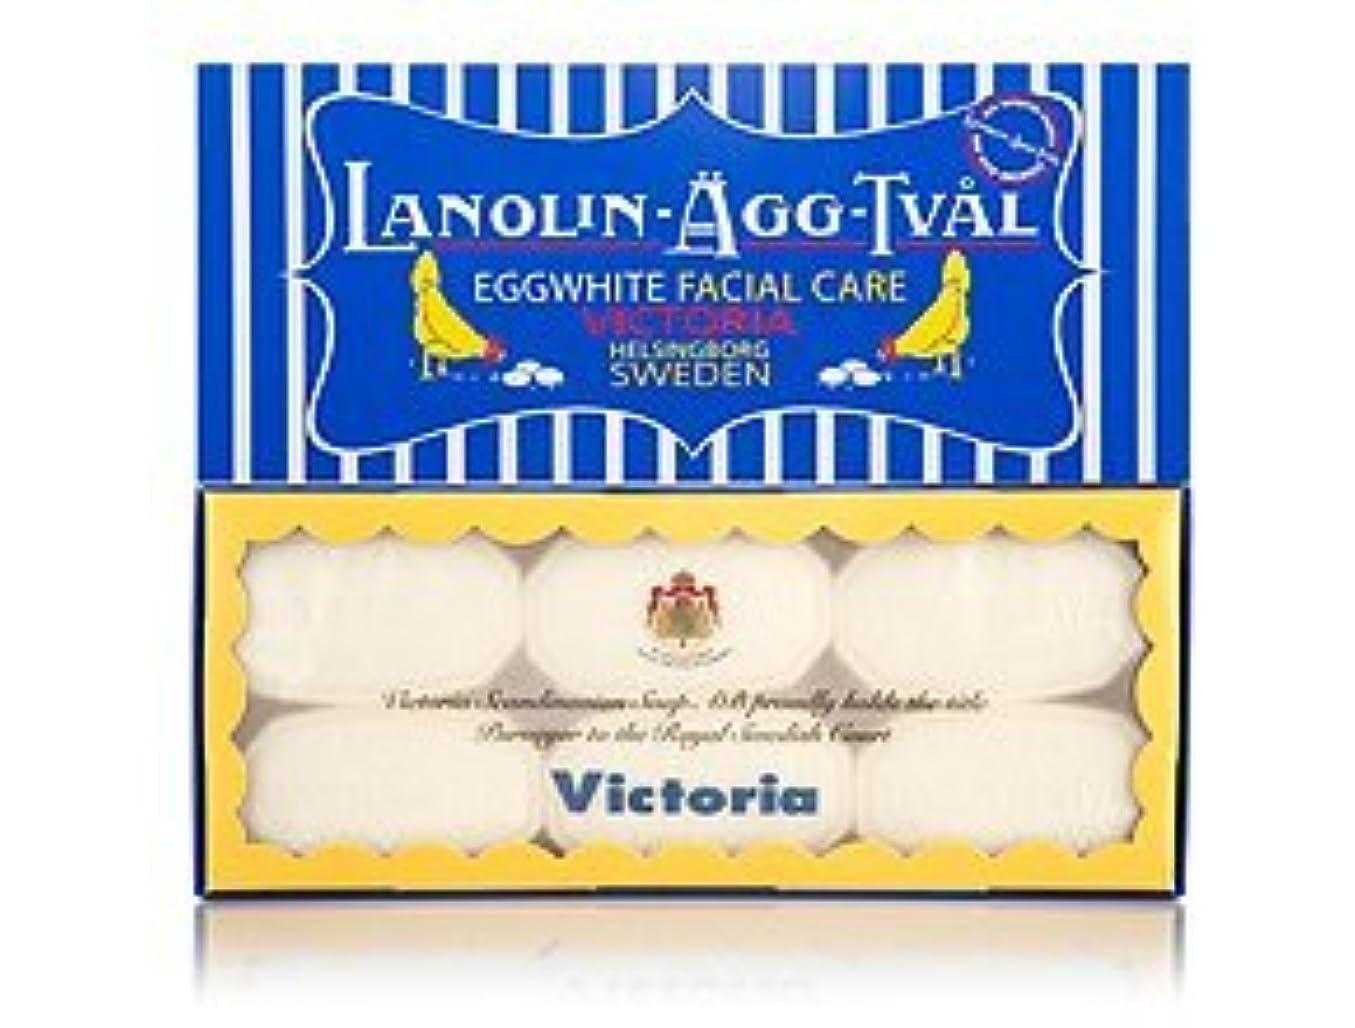 ナース賠償先祖ヴィクトリア(Victoria) スウェーデン エッグ ホワイトソープ 50g×6個セット エッグパック [並行輸入品]